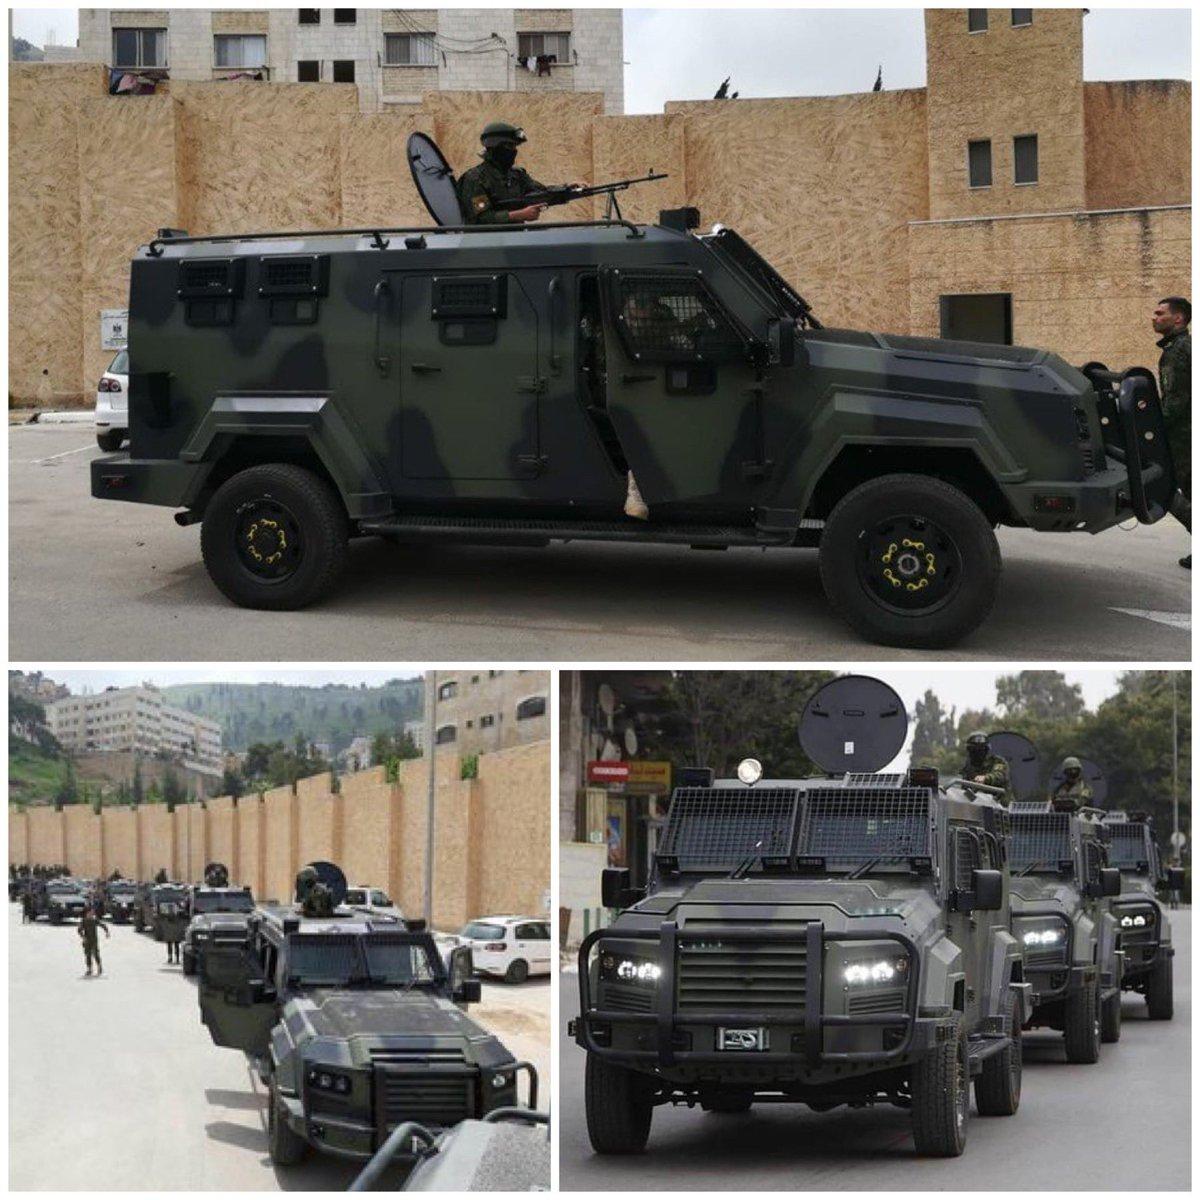 إسرائيل تسمح بإدخال سيارات مصفحة للسلطة الفلسطينية D7GSlbeXoAEjWm-